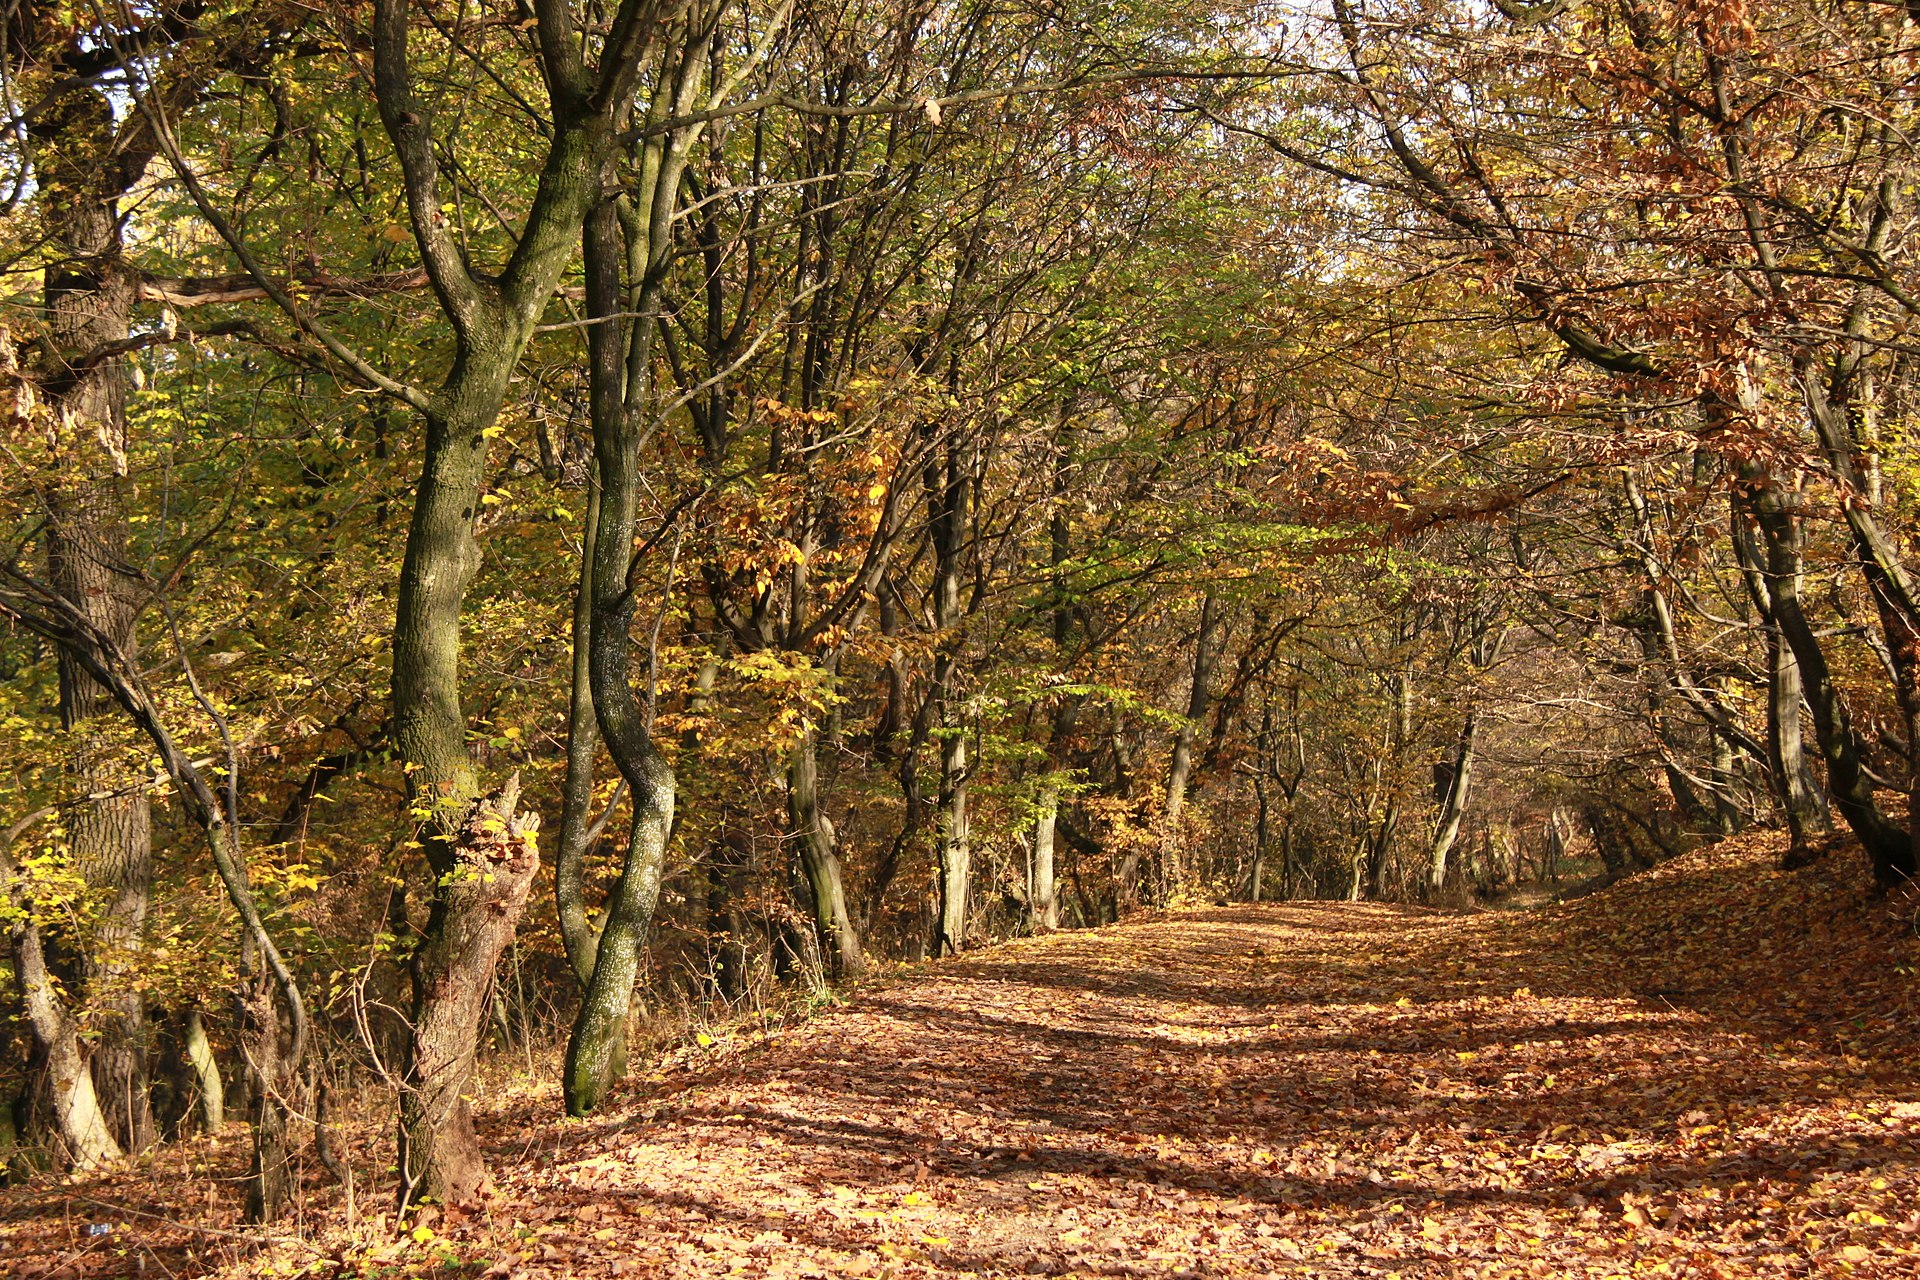 Pădurea Hoia-Baciu (Cluj-Napoca) din Cluj-Napoca